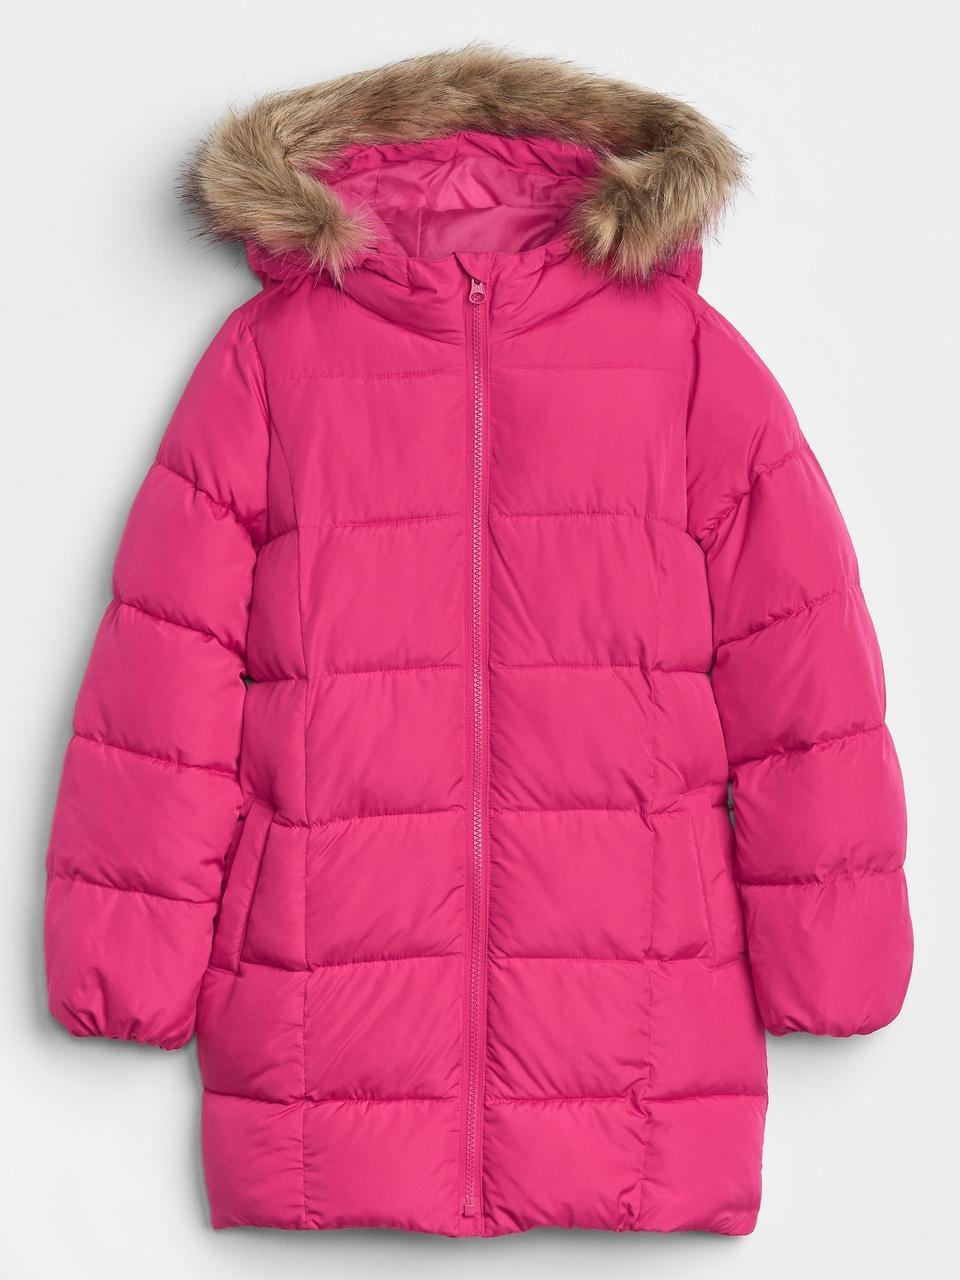 Зимняя куртка для девочек Gap размер 164 см куртки подростковые детские - ДорБастер - Интернет-магазин выгодных предложений в Днепре